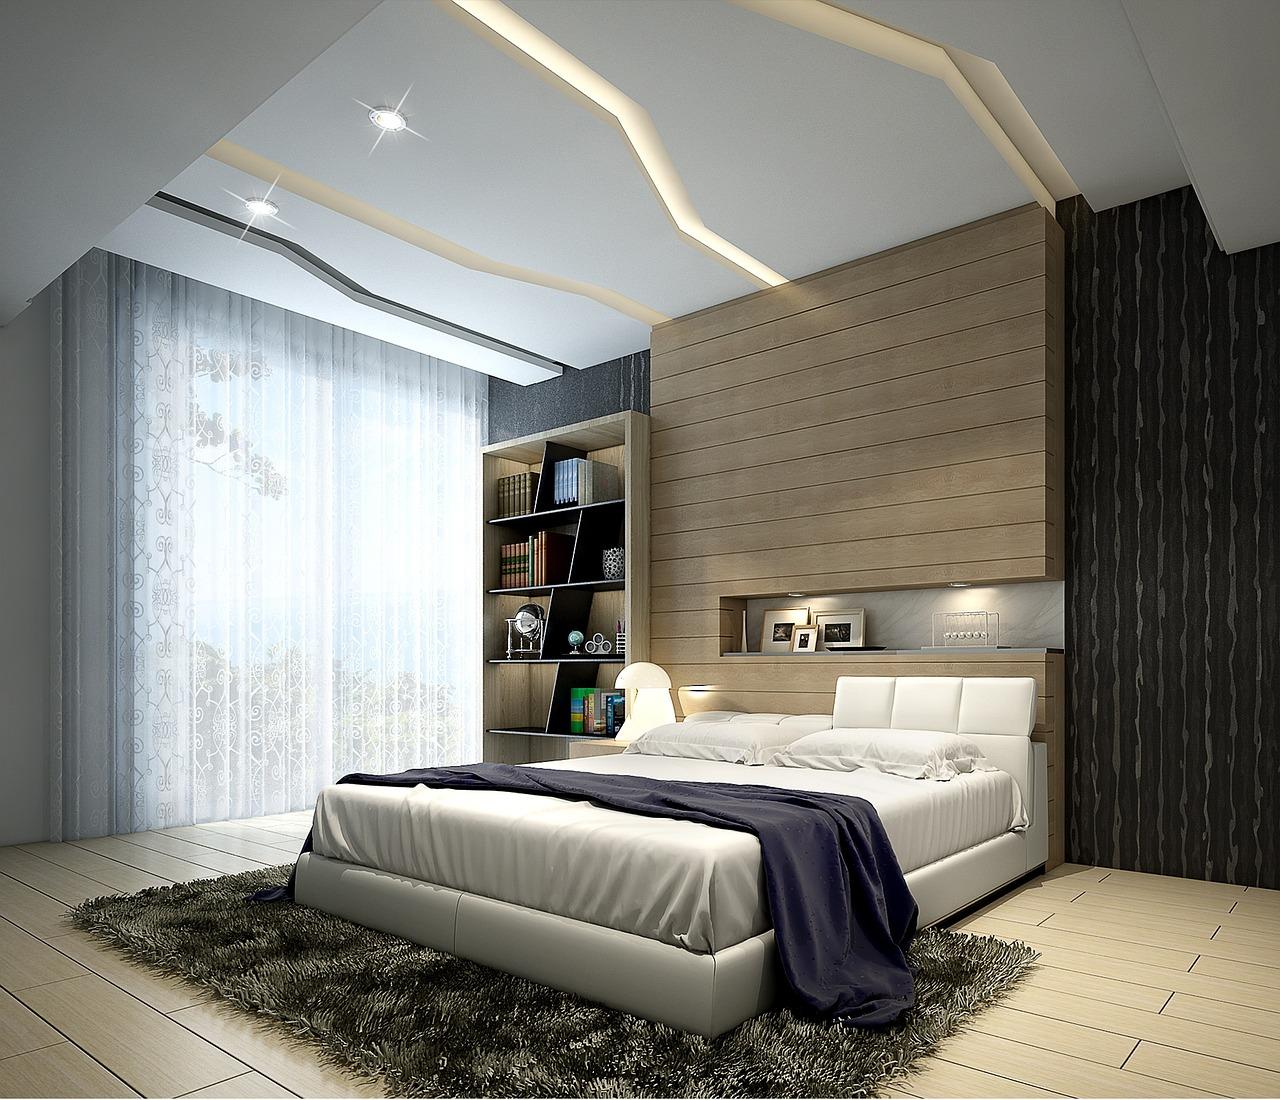 projektowanie wn trz obiekt w komercyjnych aran acje wn trz dla hoteli mobiliani design. Black Bedroom Furniture Sets. Home Design Ideas